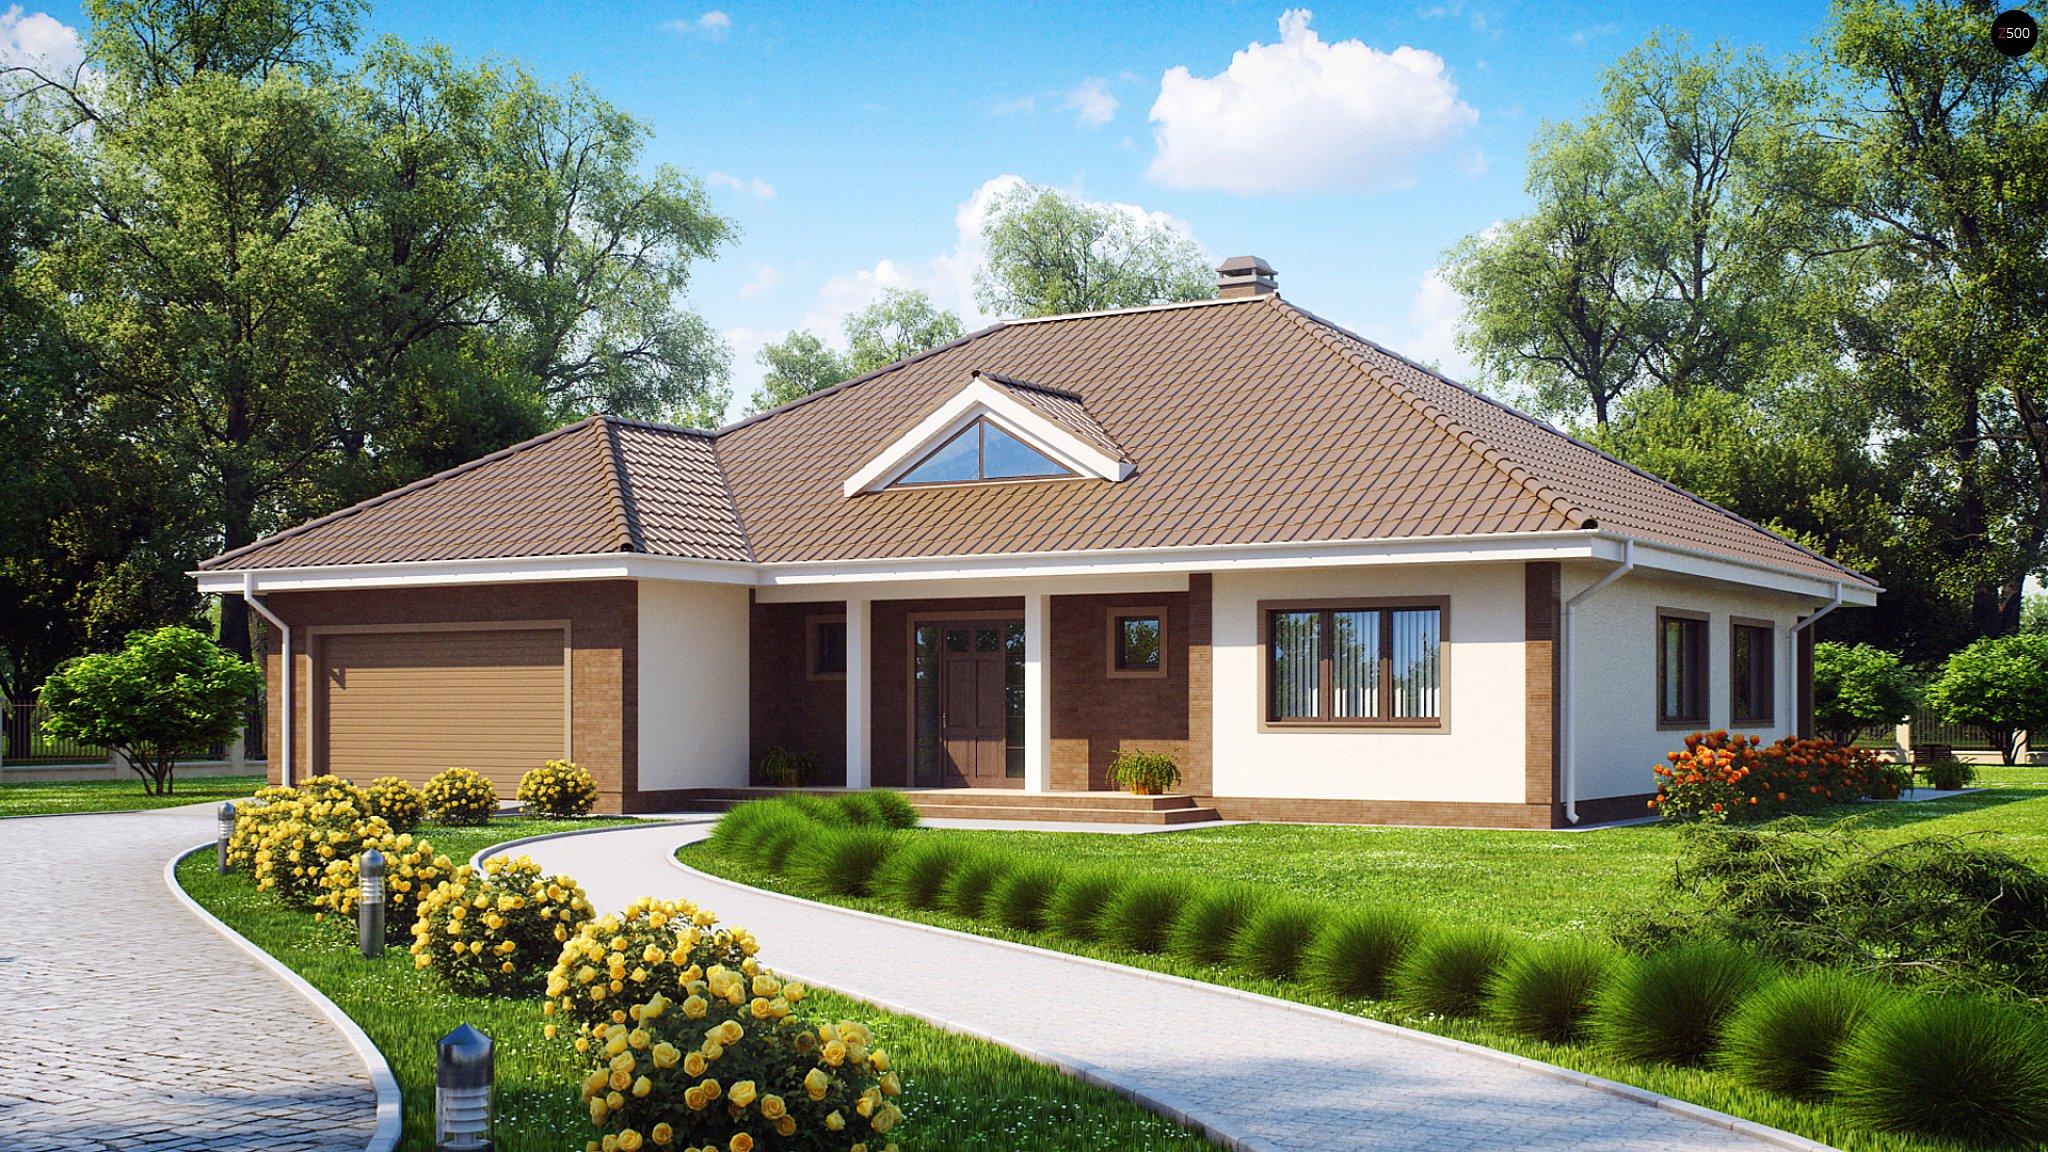 Дизайн дома одноэтажного фото 2018 современные идеи и общий вид участка